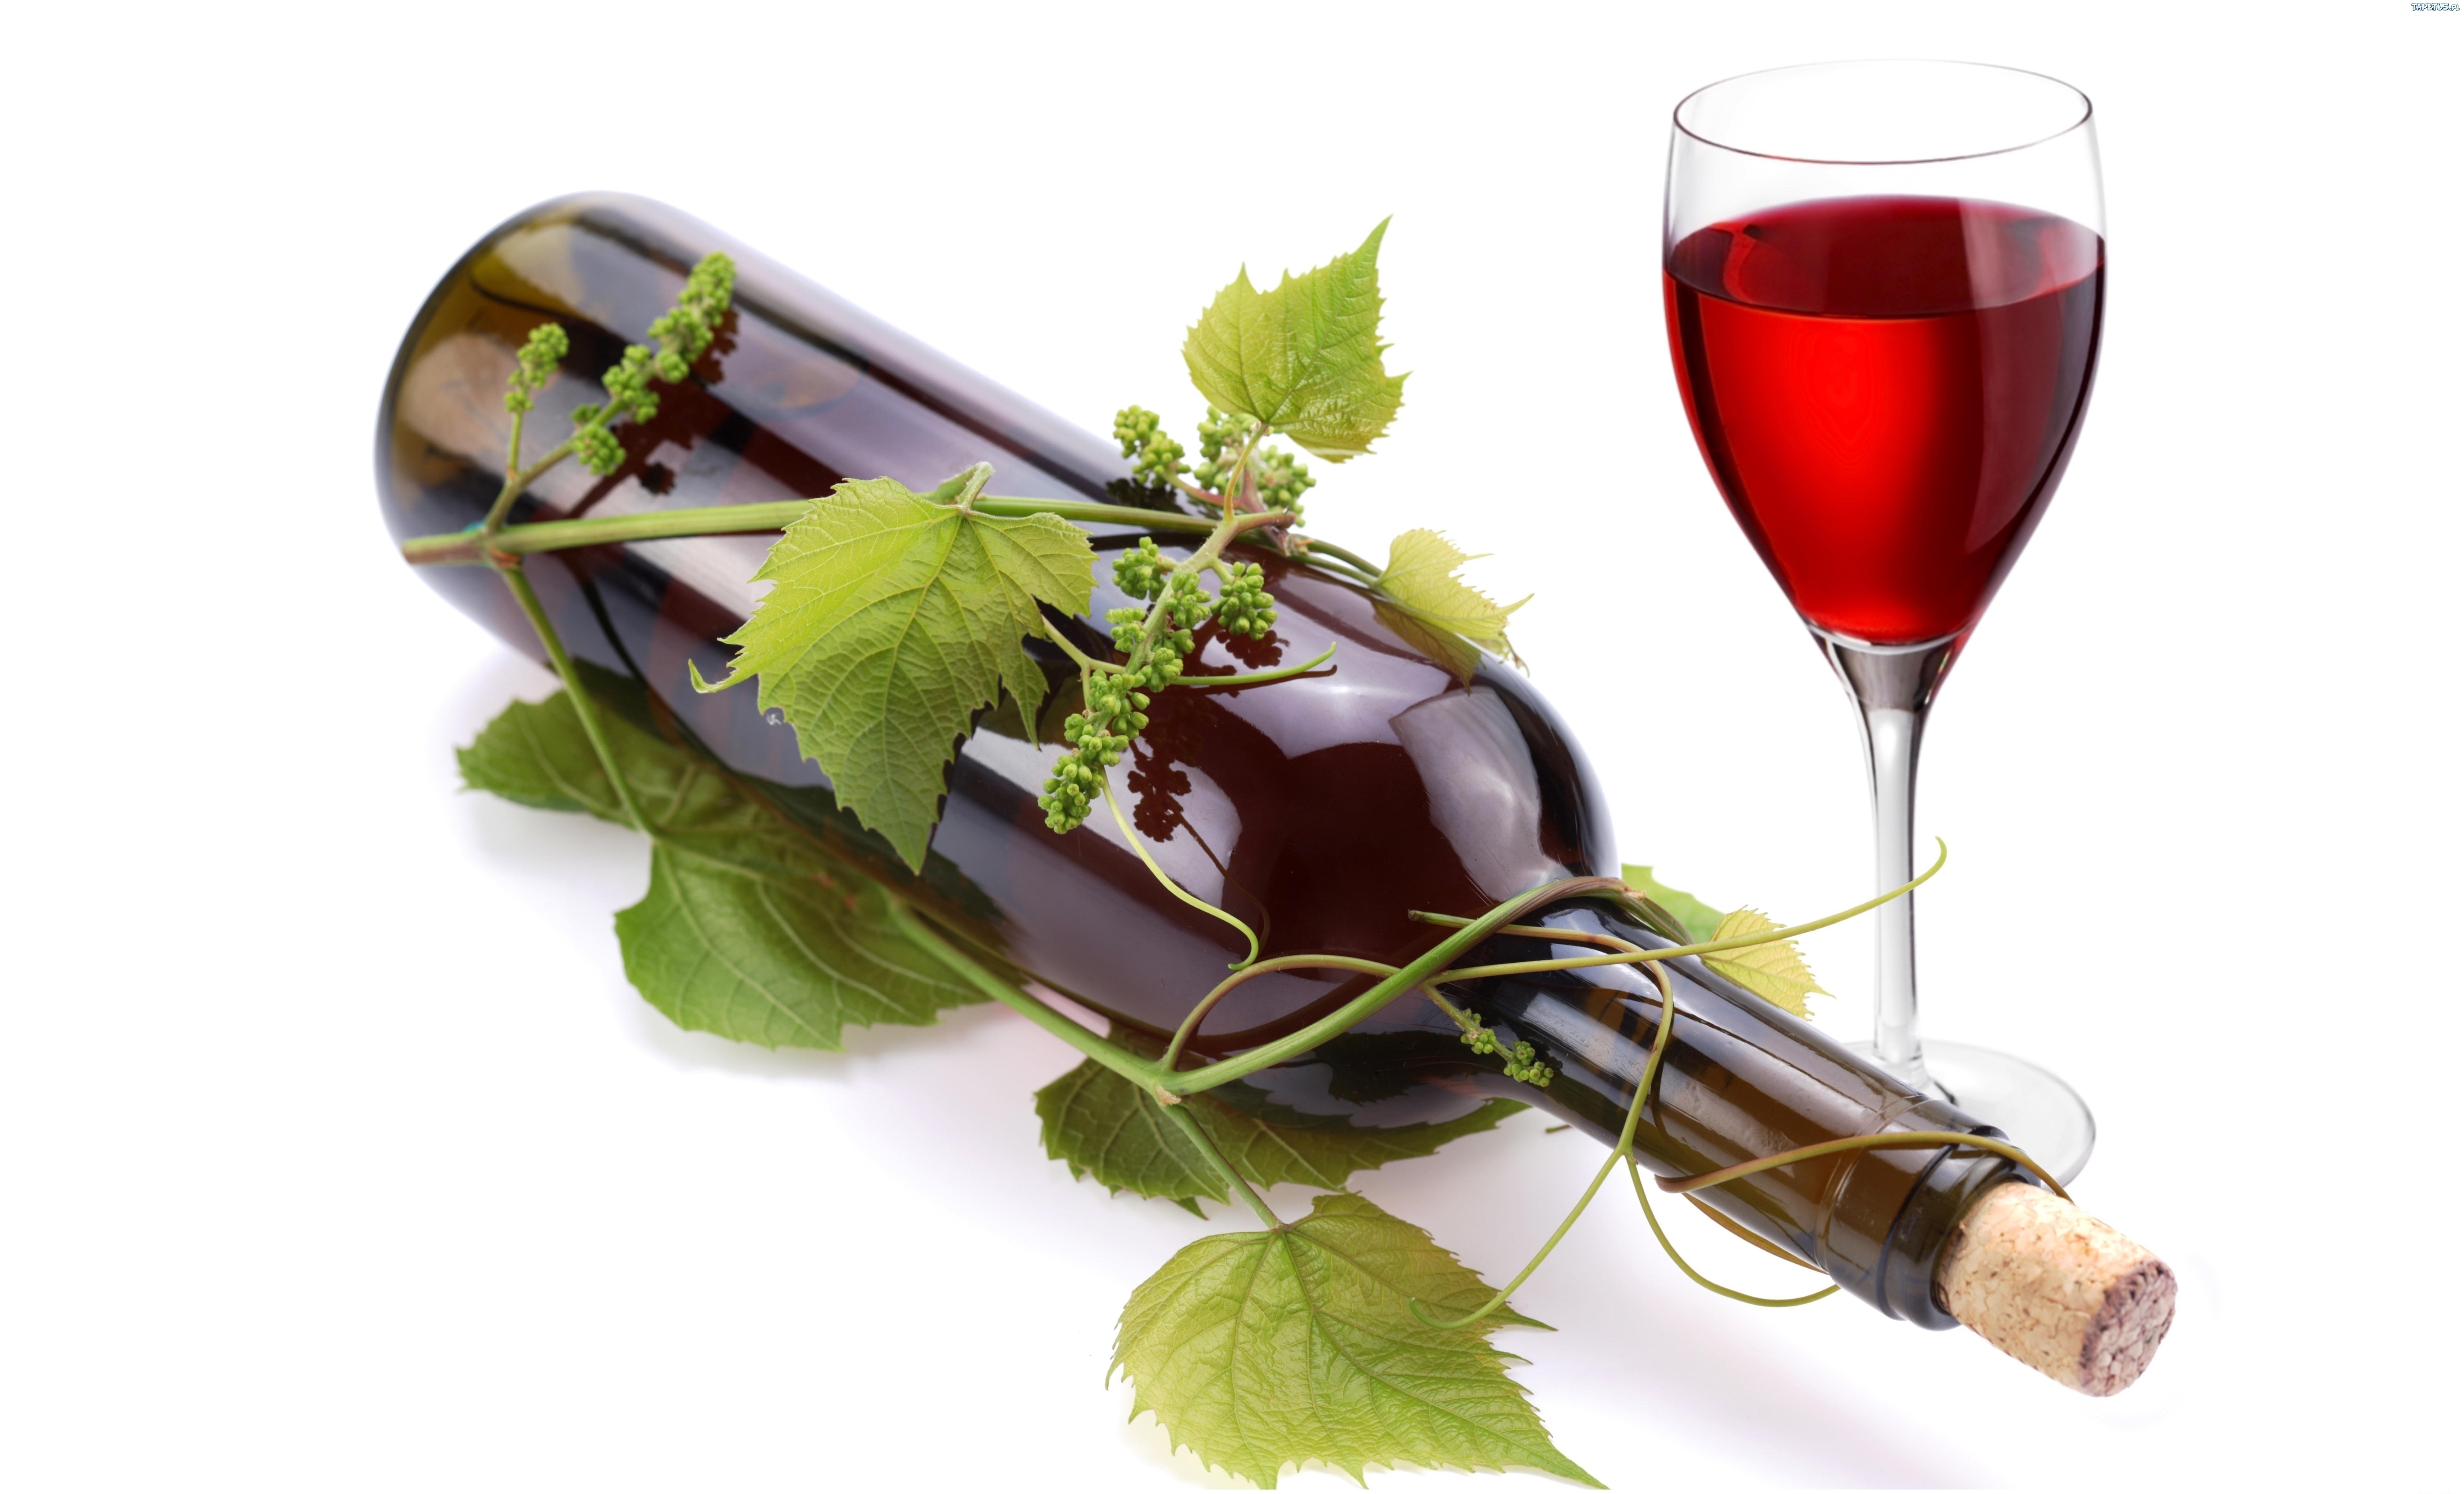 http://www.tapetus.pl/obrazki/n/214312_kieliszek-czerwonego-wina-butelka-liscie.jpg